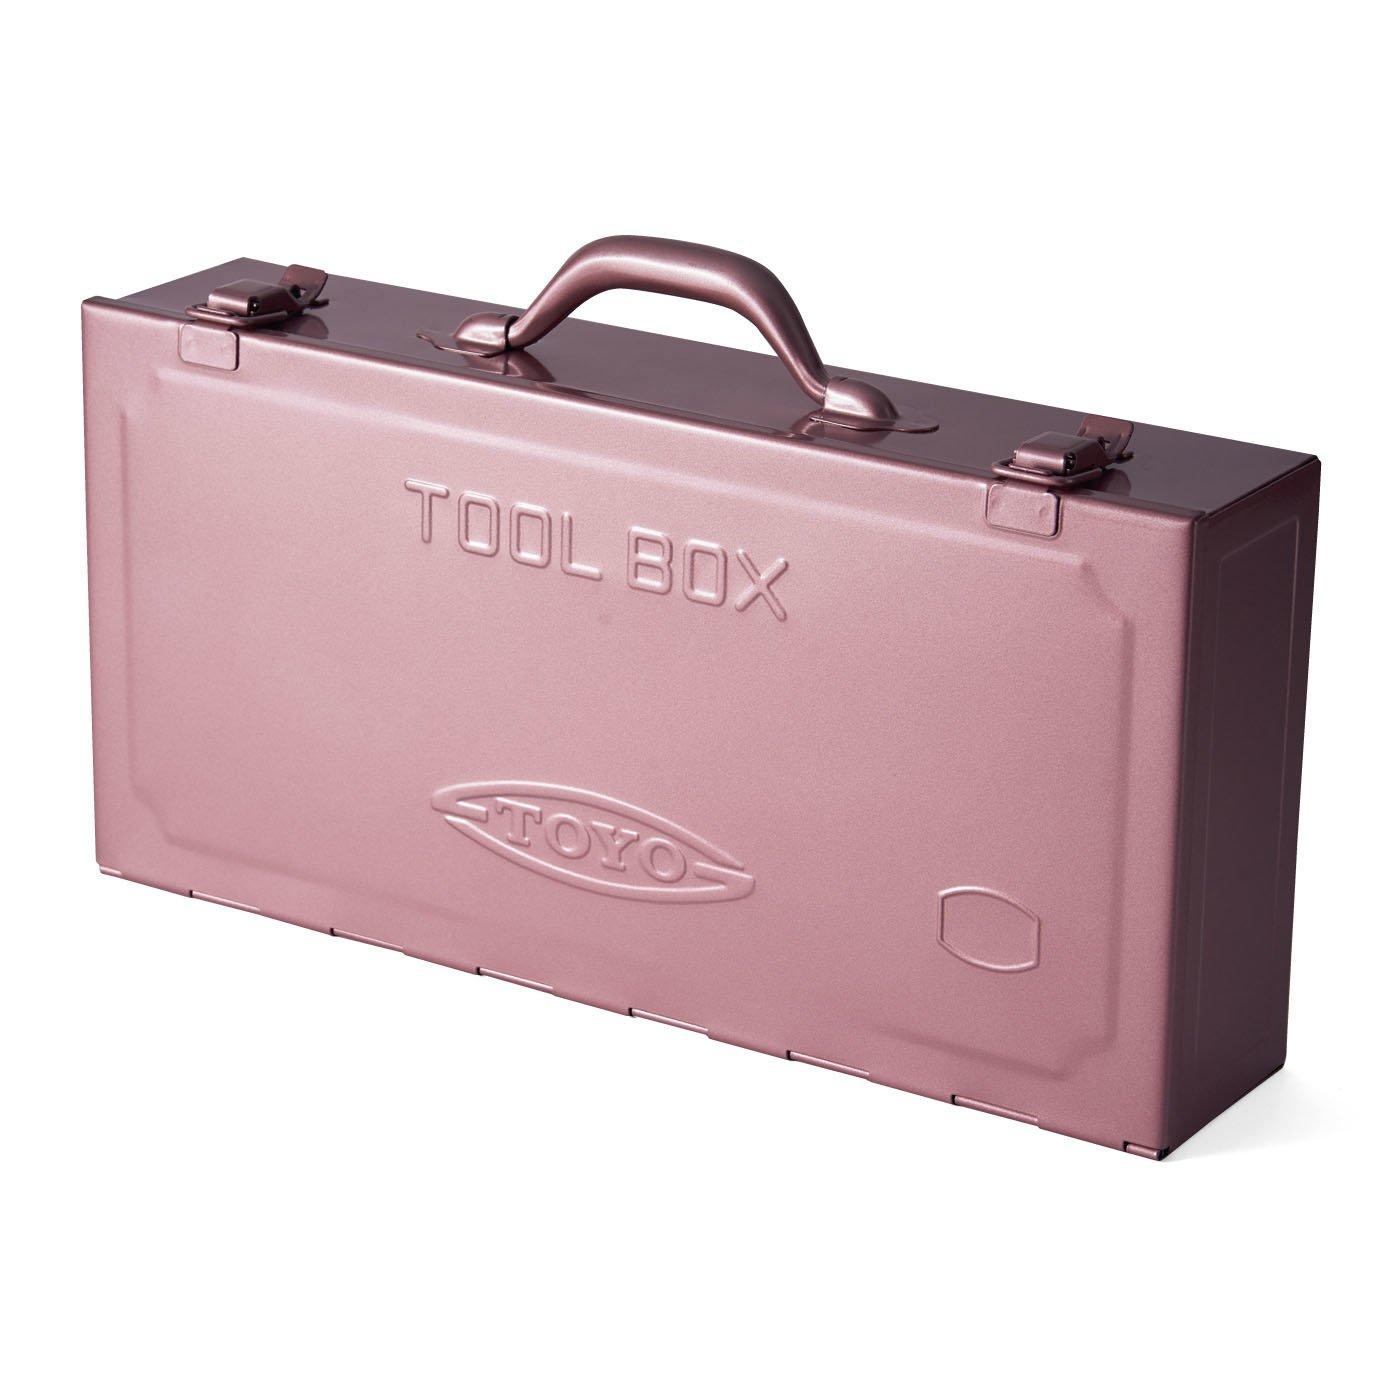 まるでトランクみたい! ビッグスチール工具箱〈レトロピンク〉